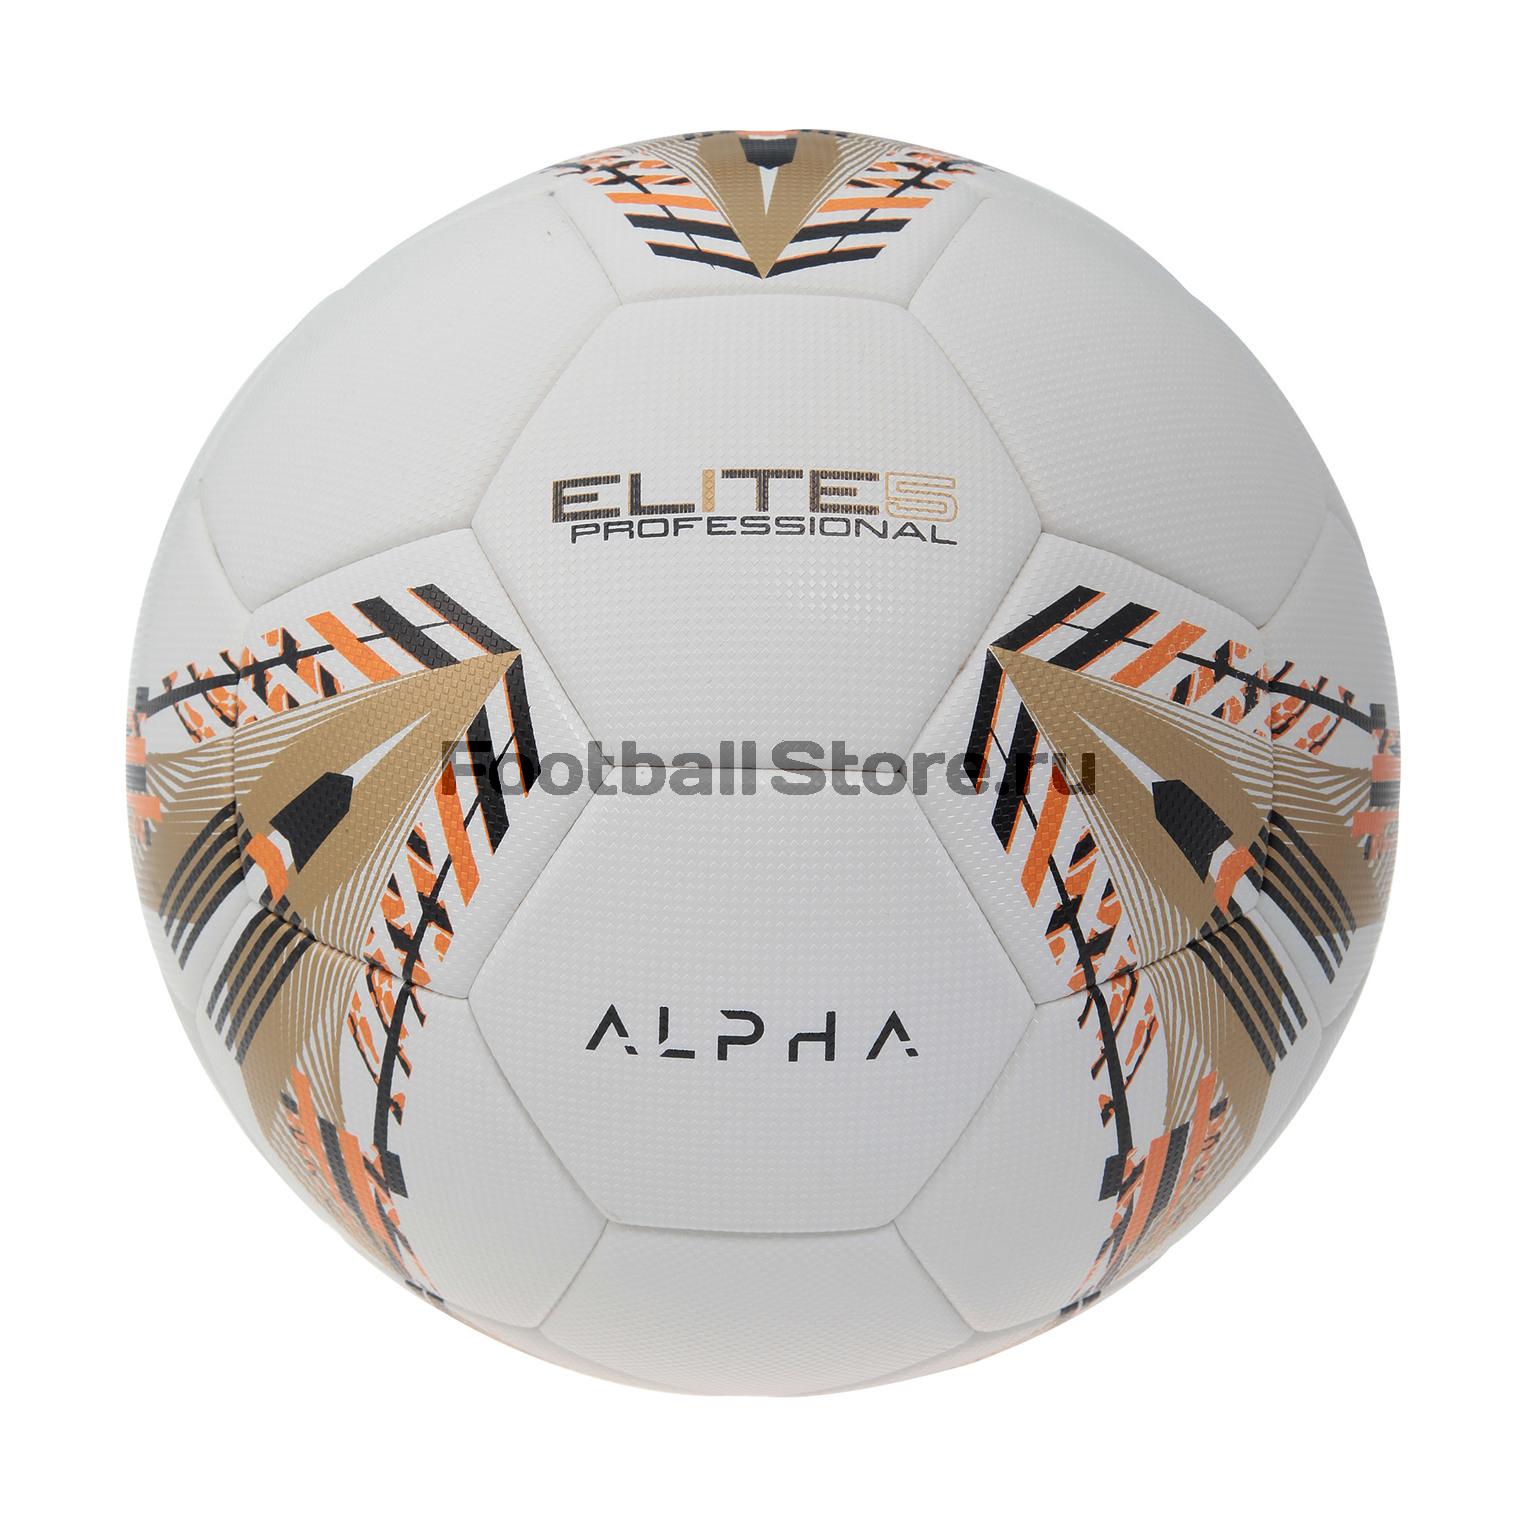 Мяч футбольный Alpha Keepers Elite Pro P5 81017 мяч футбольный torres vision resposta fifa quality pro размер 5